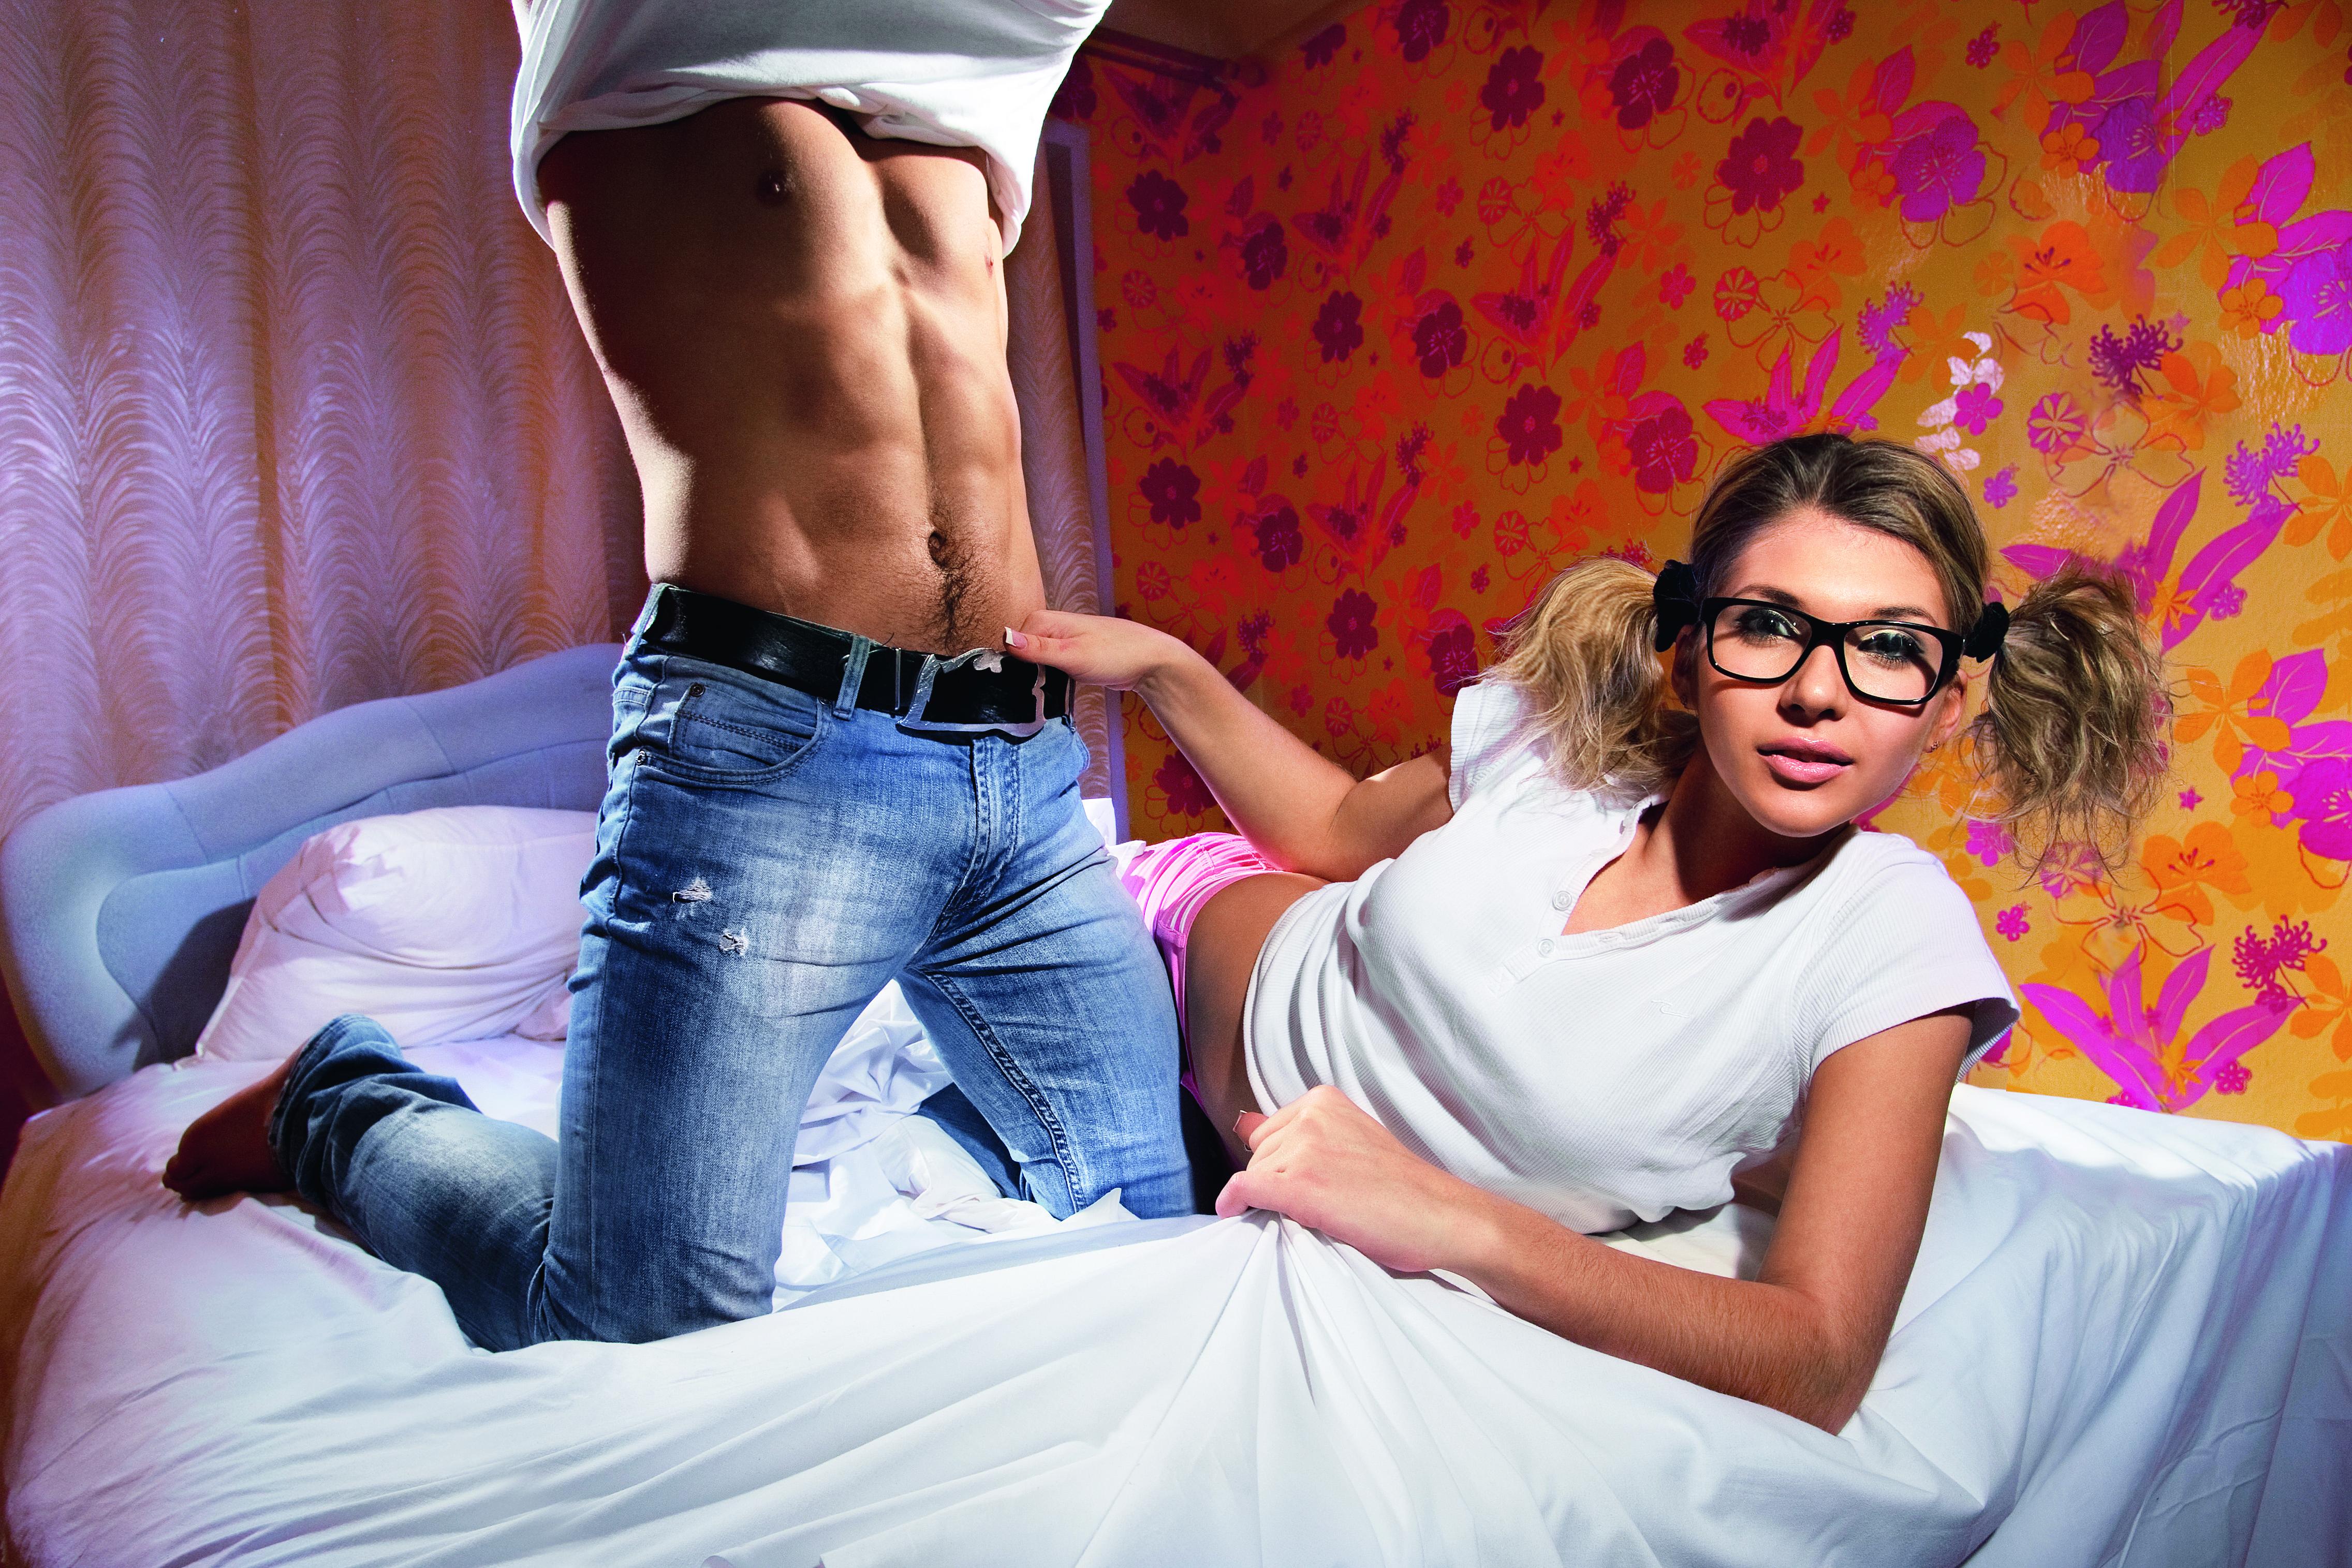 έφηβος σεξ εικόνα com